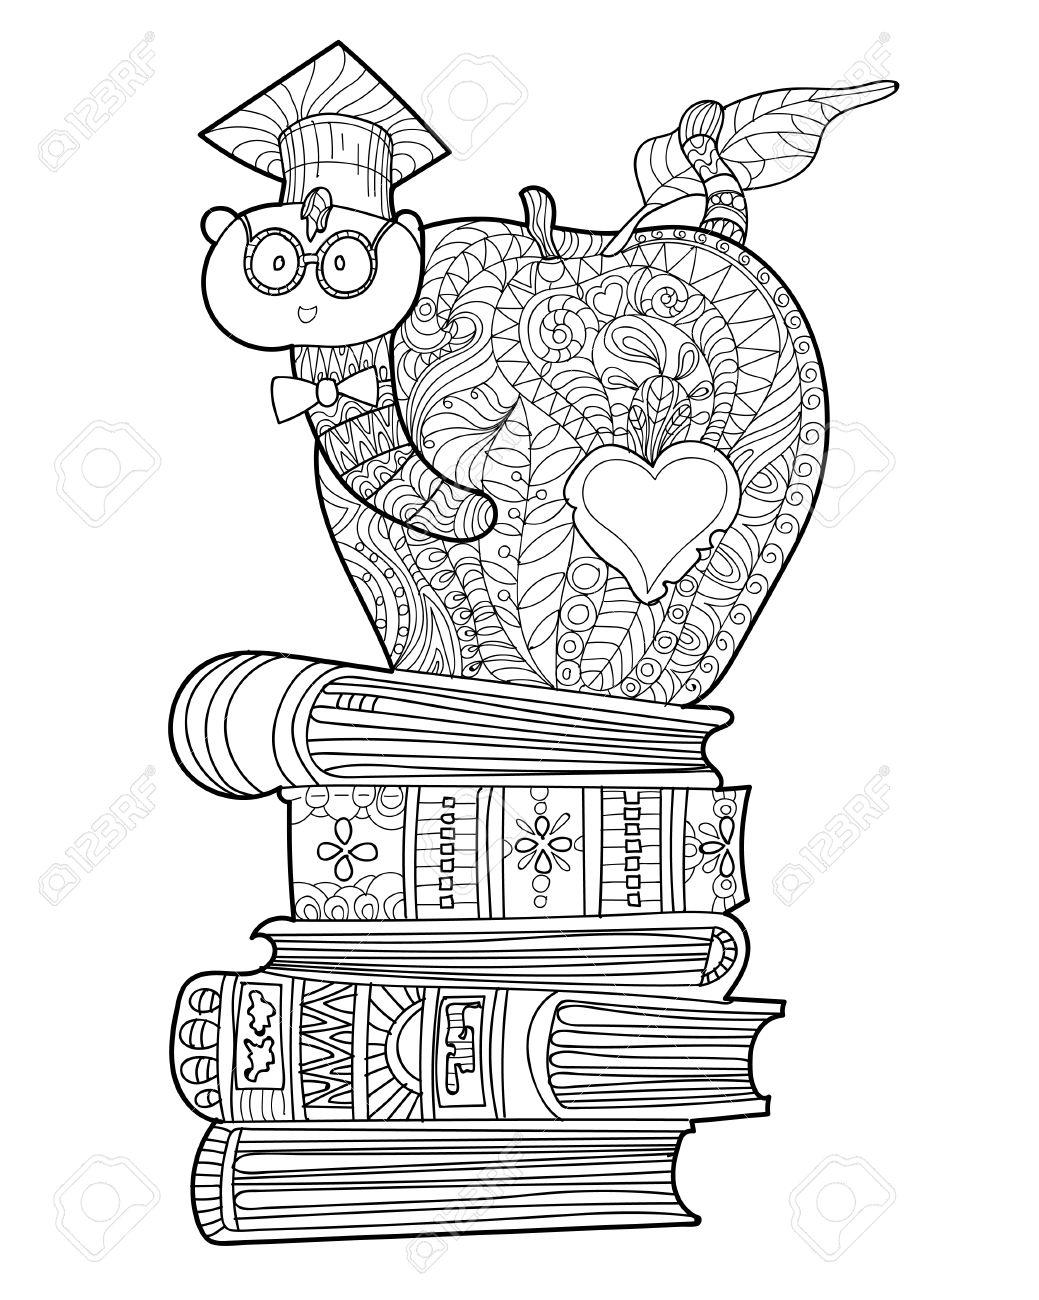 Bookworm Doodle In Der Absolventen Hat In Apfel Auf Einem Stapel ...